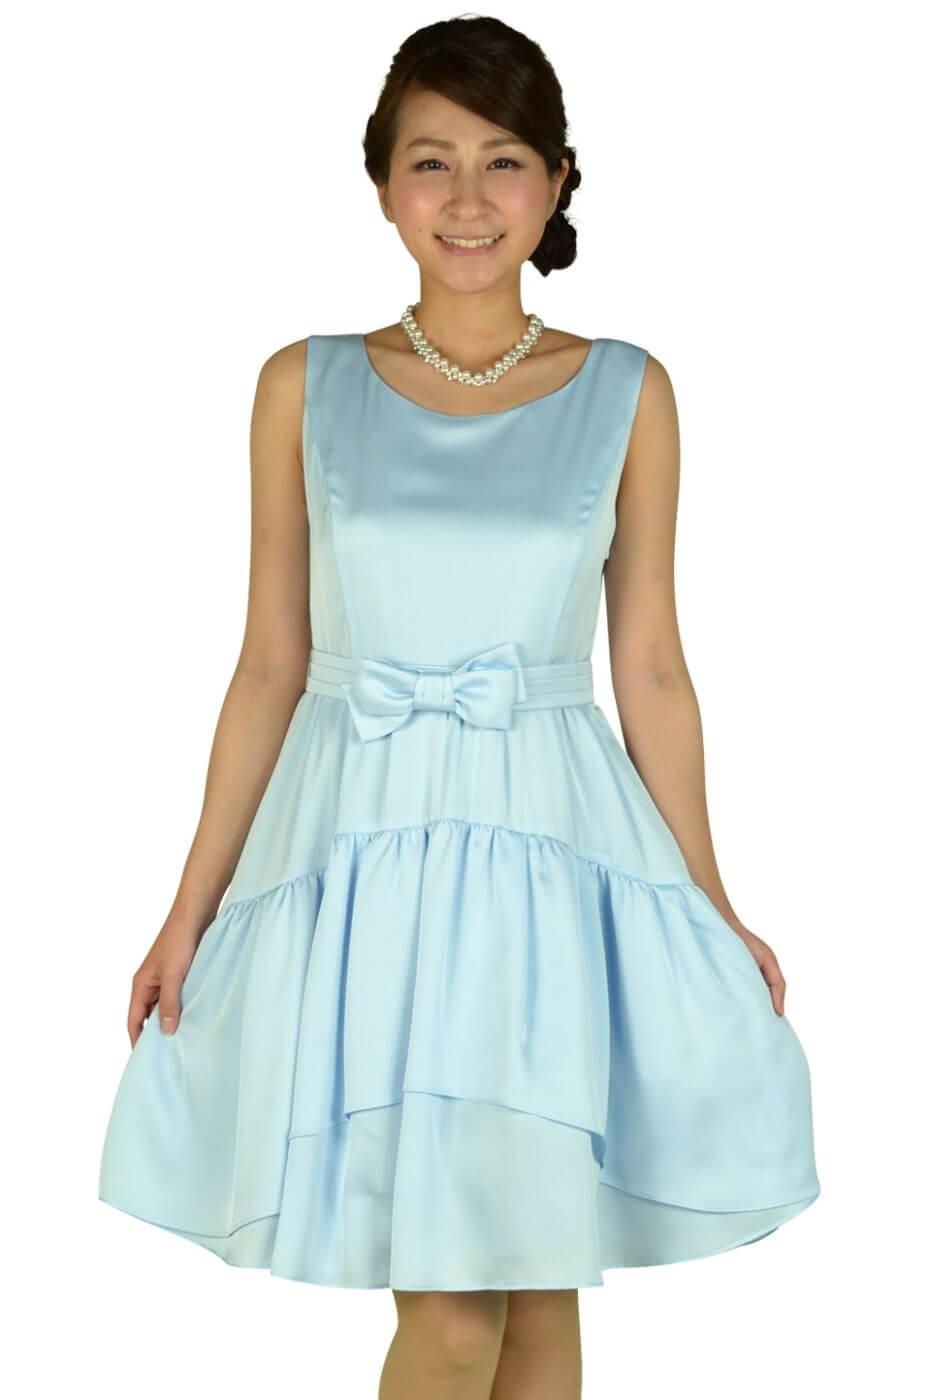 レッセパッセ (LAISSE PASSE)リボンベルトブルーティアードドレス